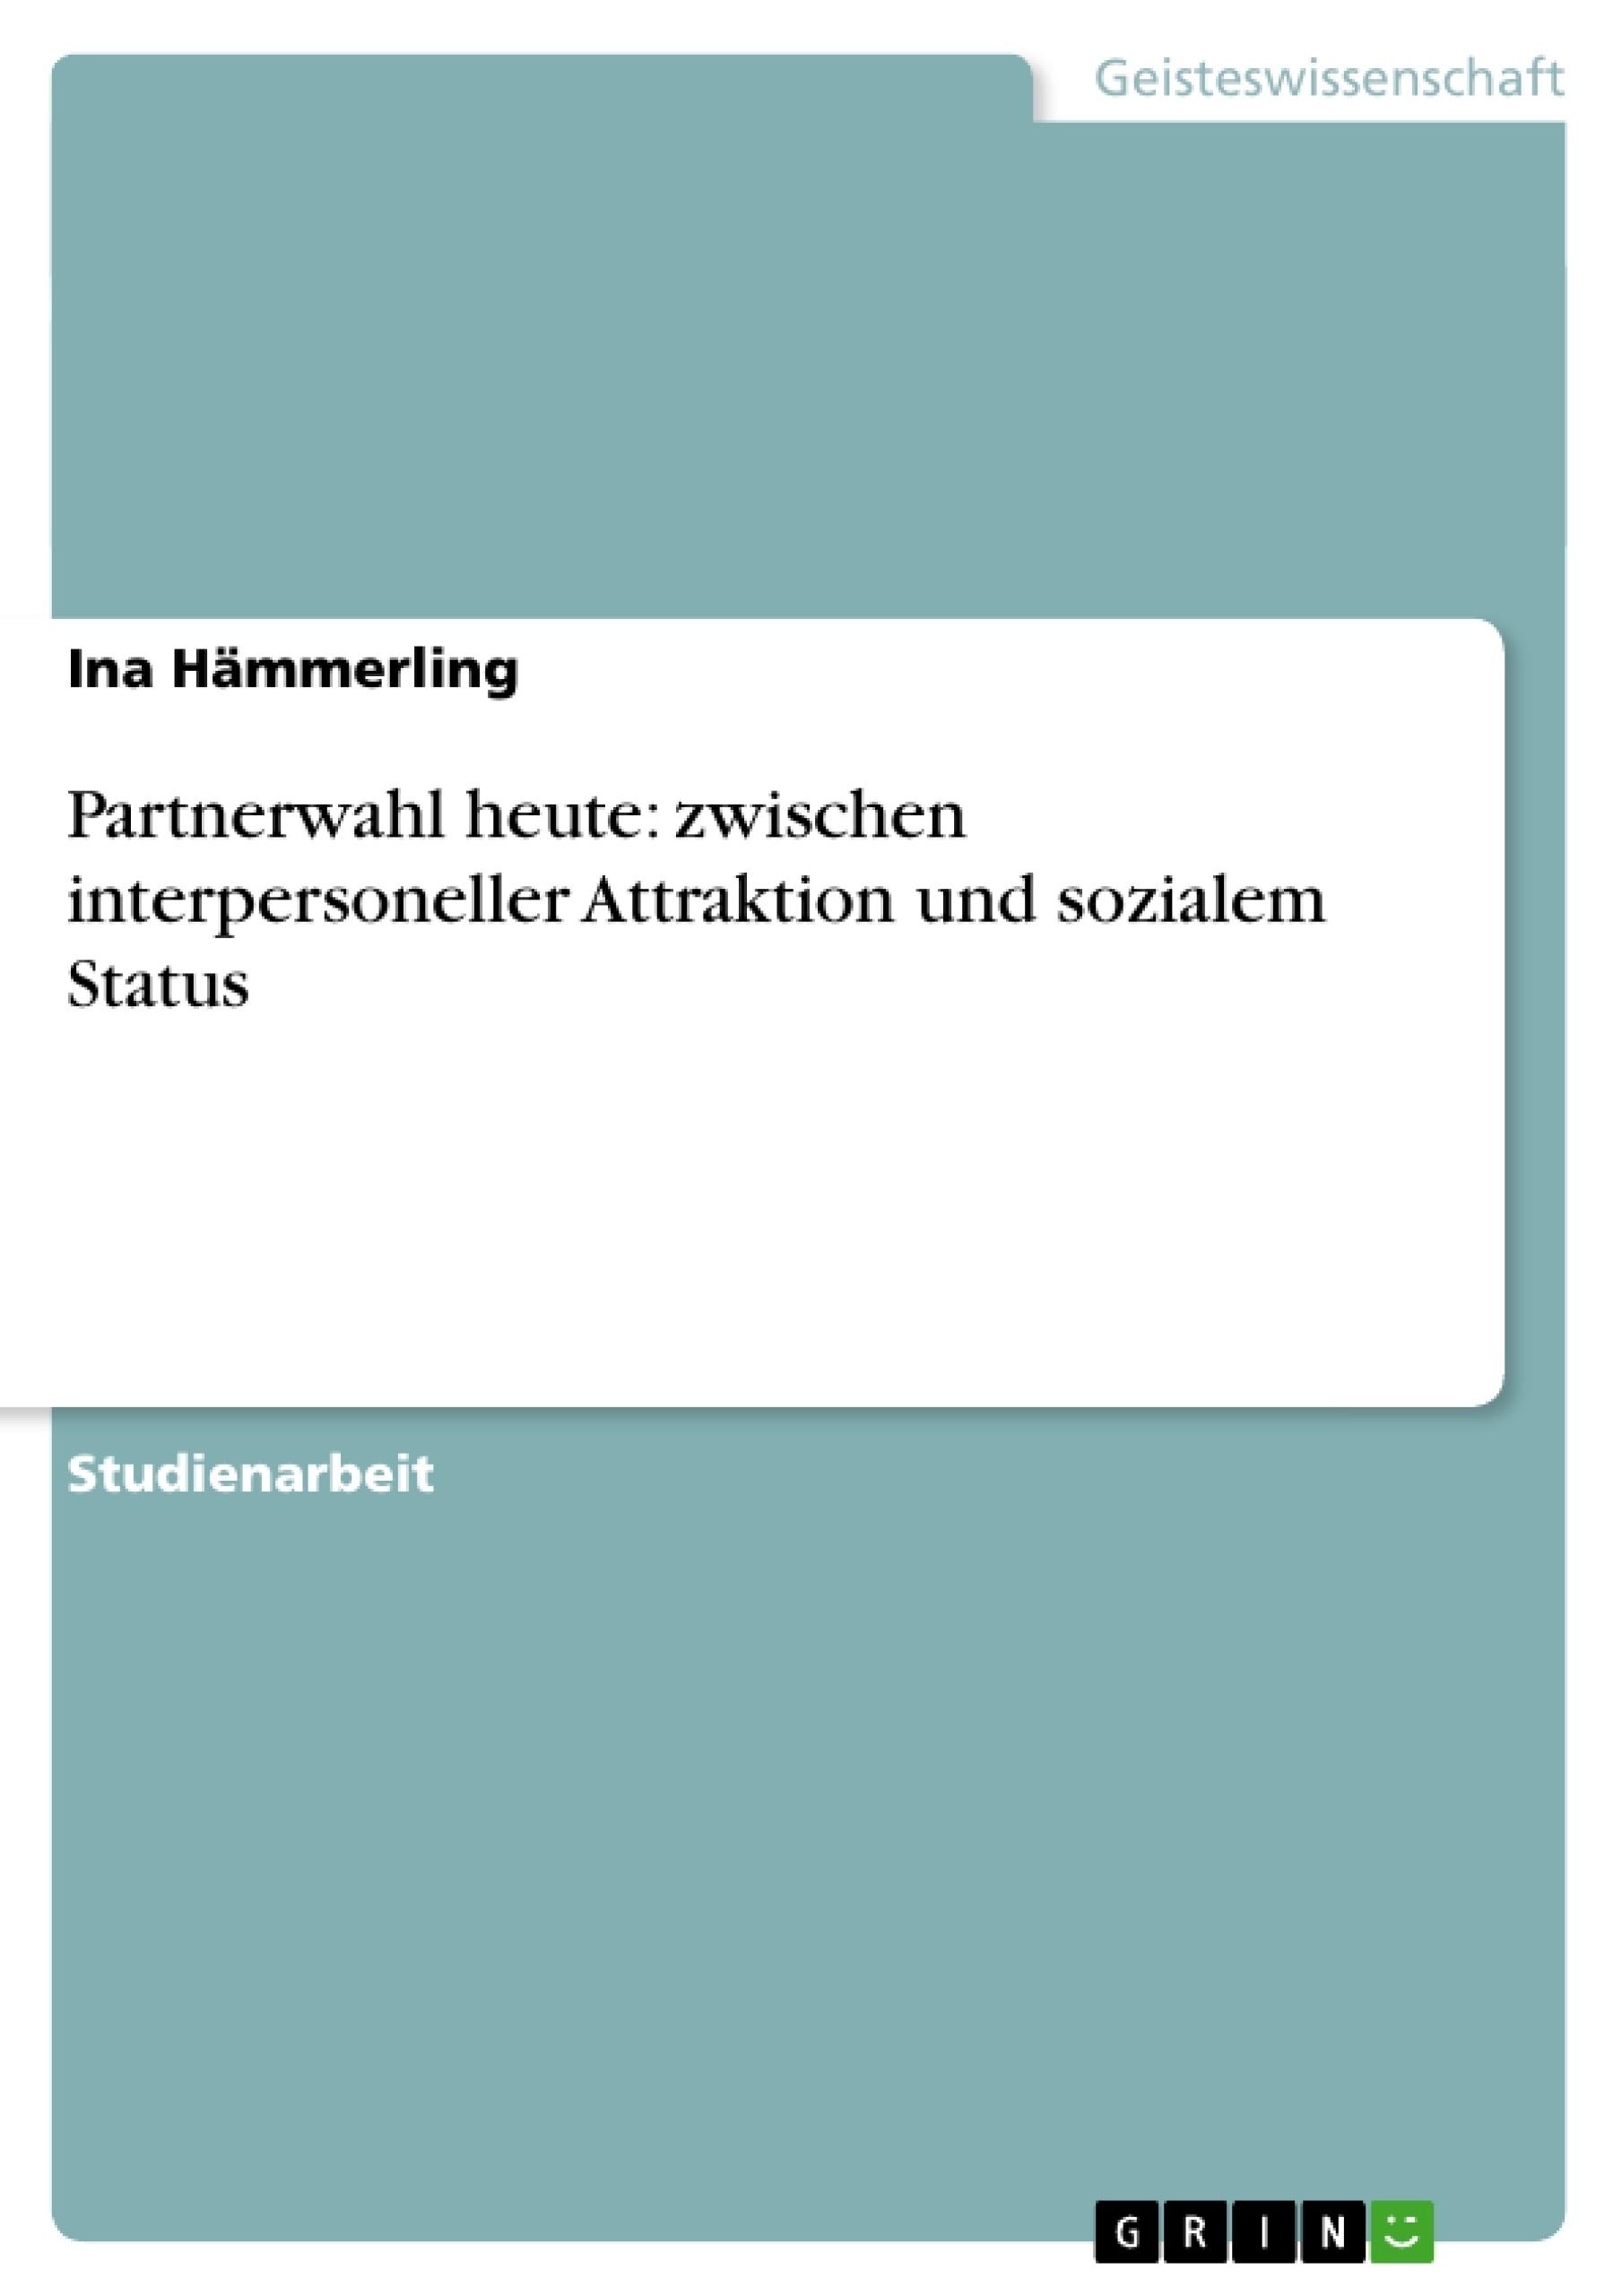 Titel: Partnerwahl heute: zwischen interpersoneller Attraktion und sozialem Status